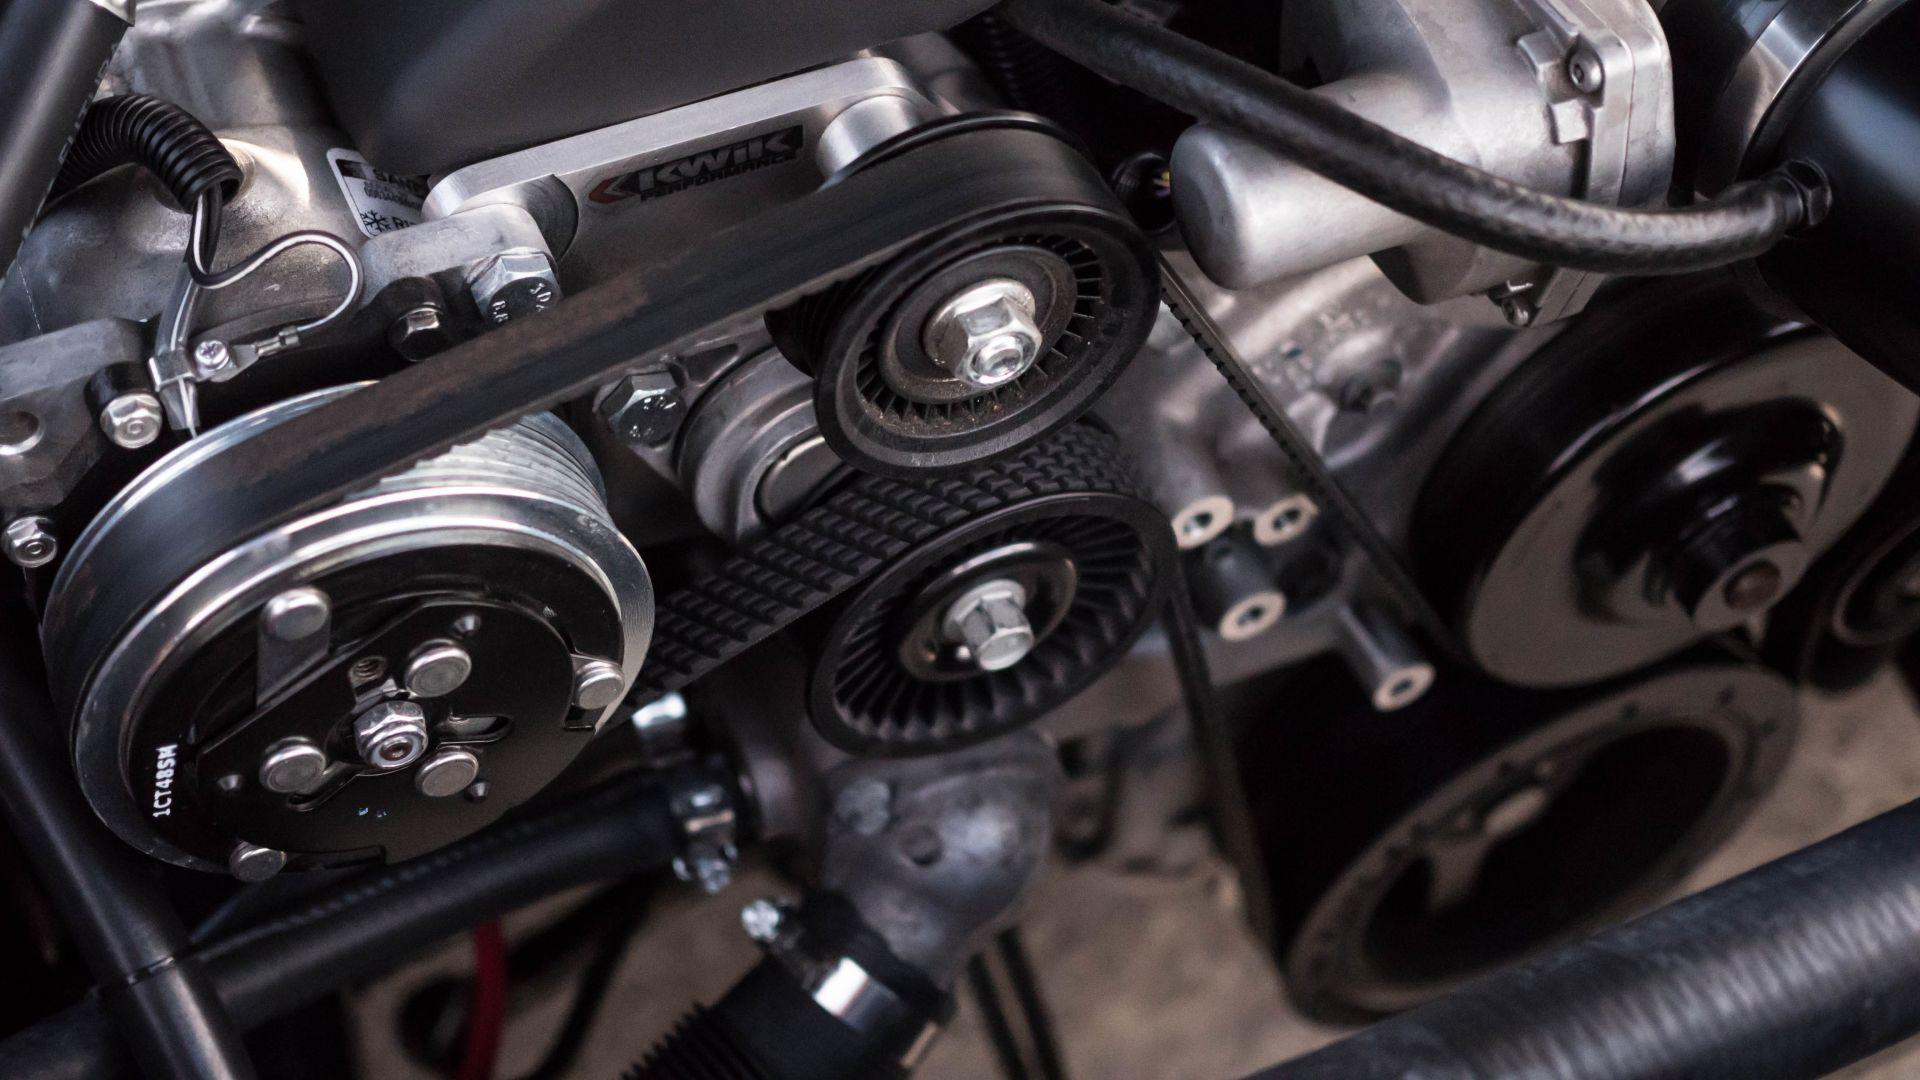 Pneu Schaller Service - Motor - chad-kirchoff-xe-e69j6-Ds-unsplash